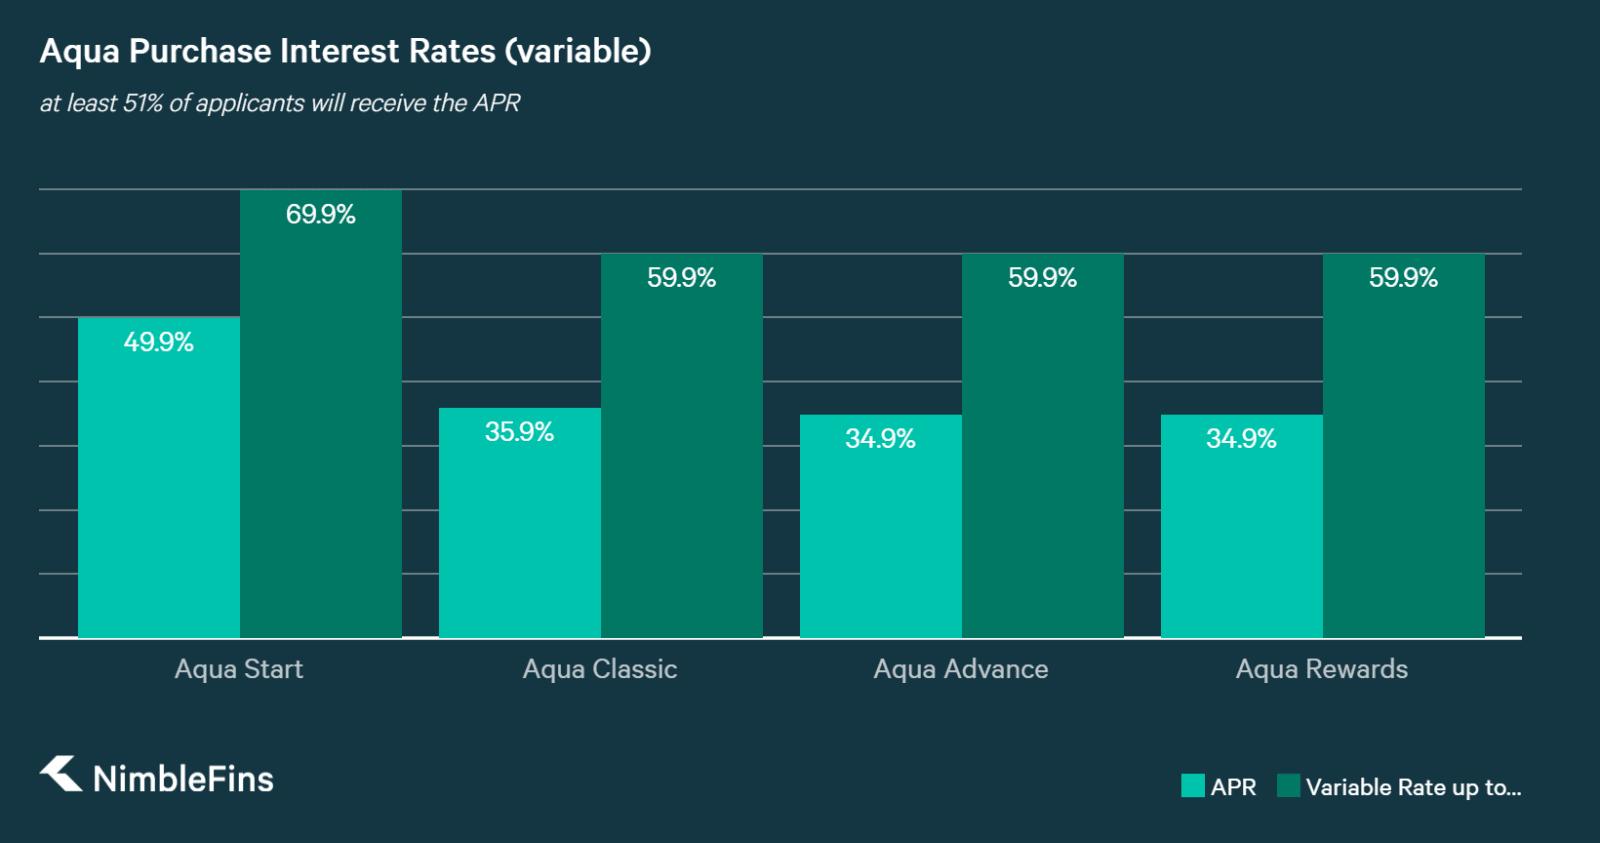 A graph comparing interest rates across the Aqua Start, Aqua Classic, Aqua Advance and Aqua Rewards Cards